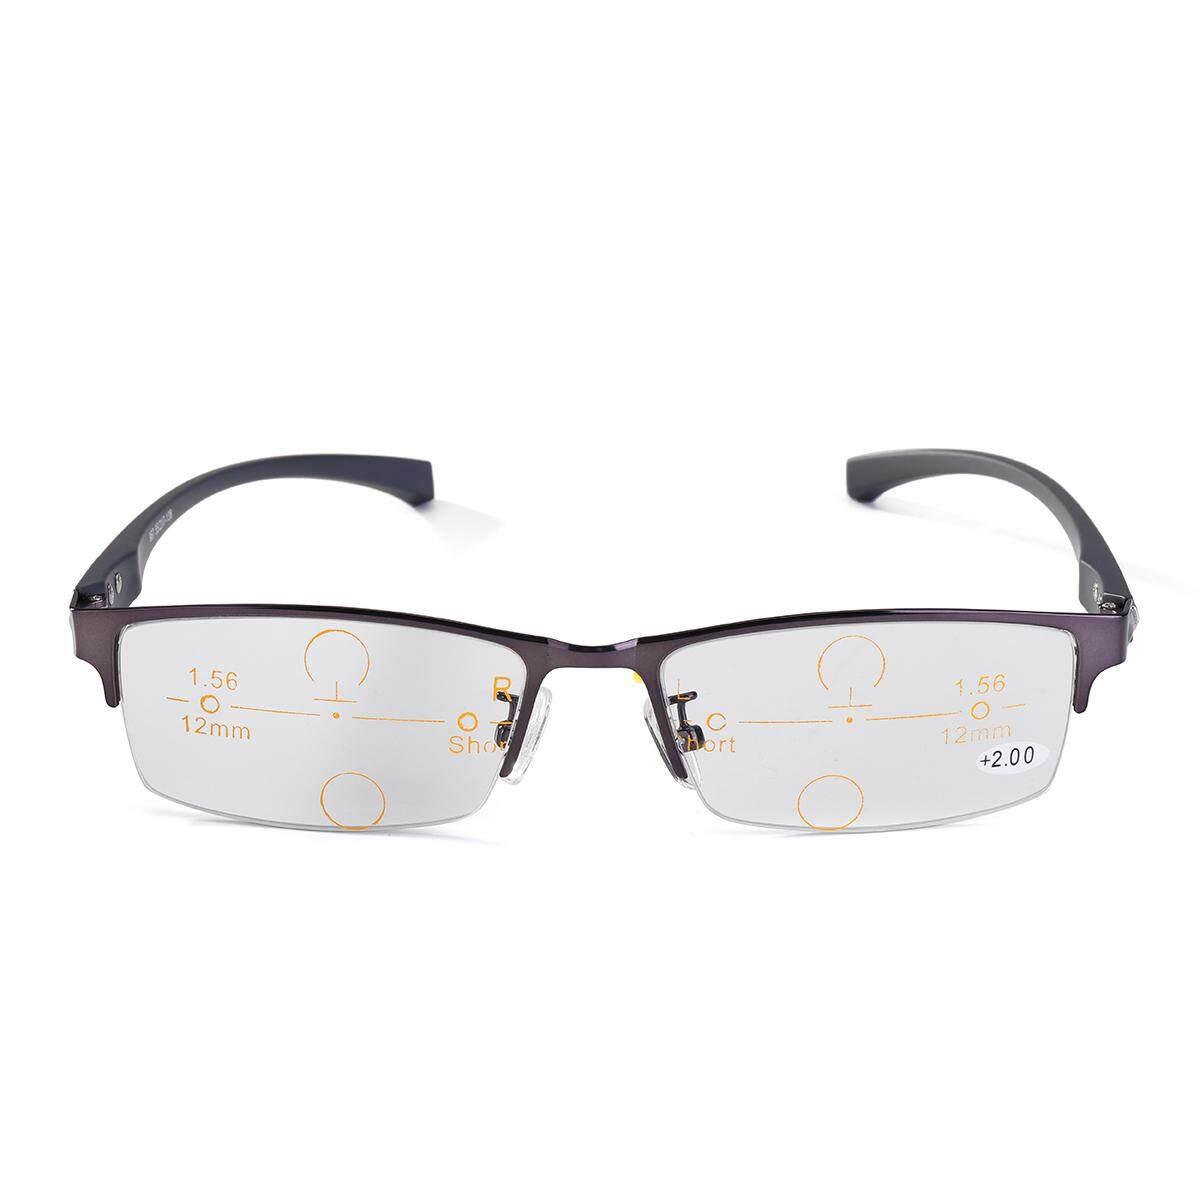 Photochromic Multi Fokus Kacamata Progresif Transisi Kacamata untuk Membaca [Gray Plain Ringan + 175]